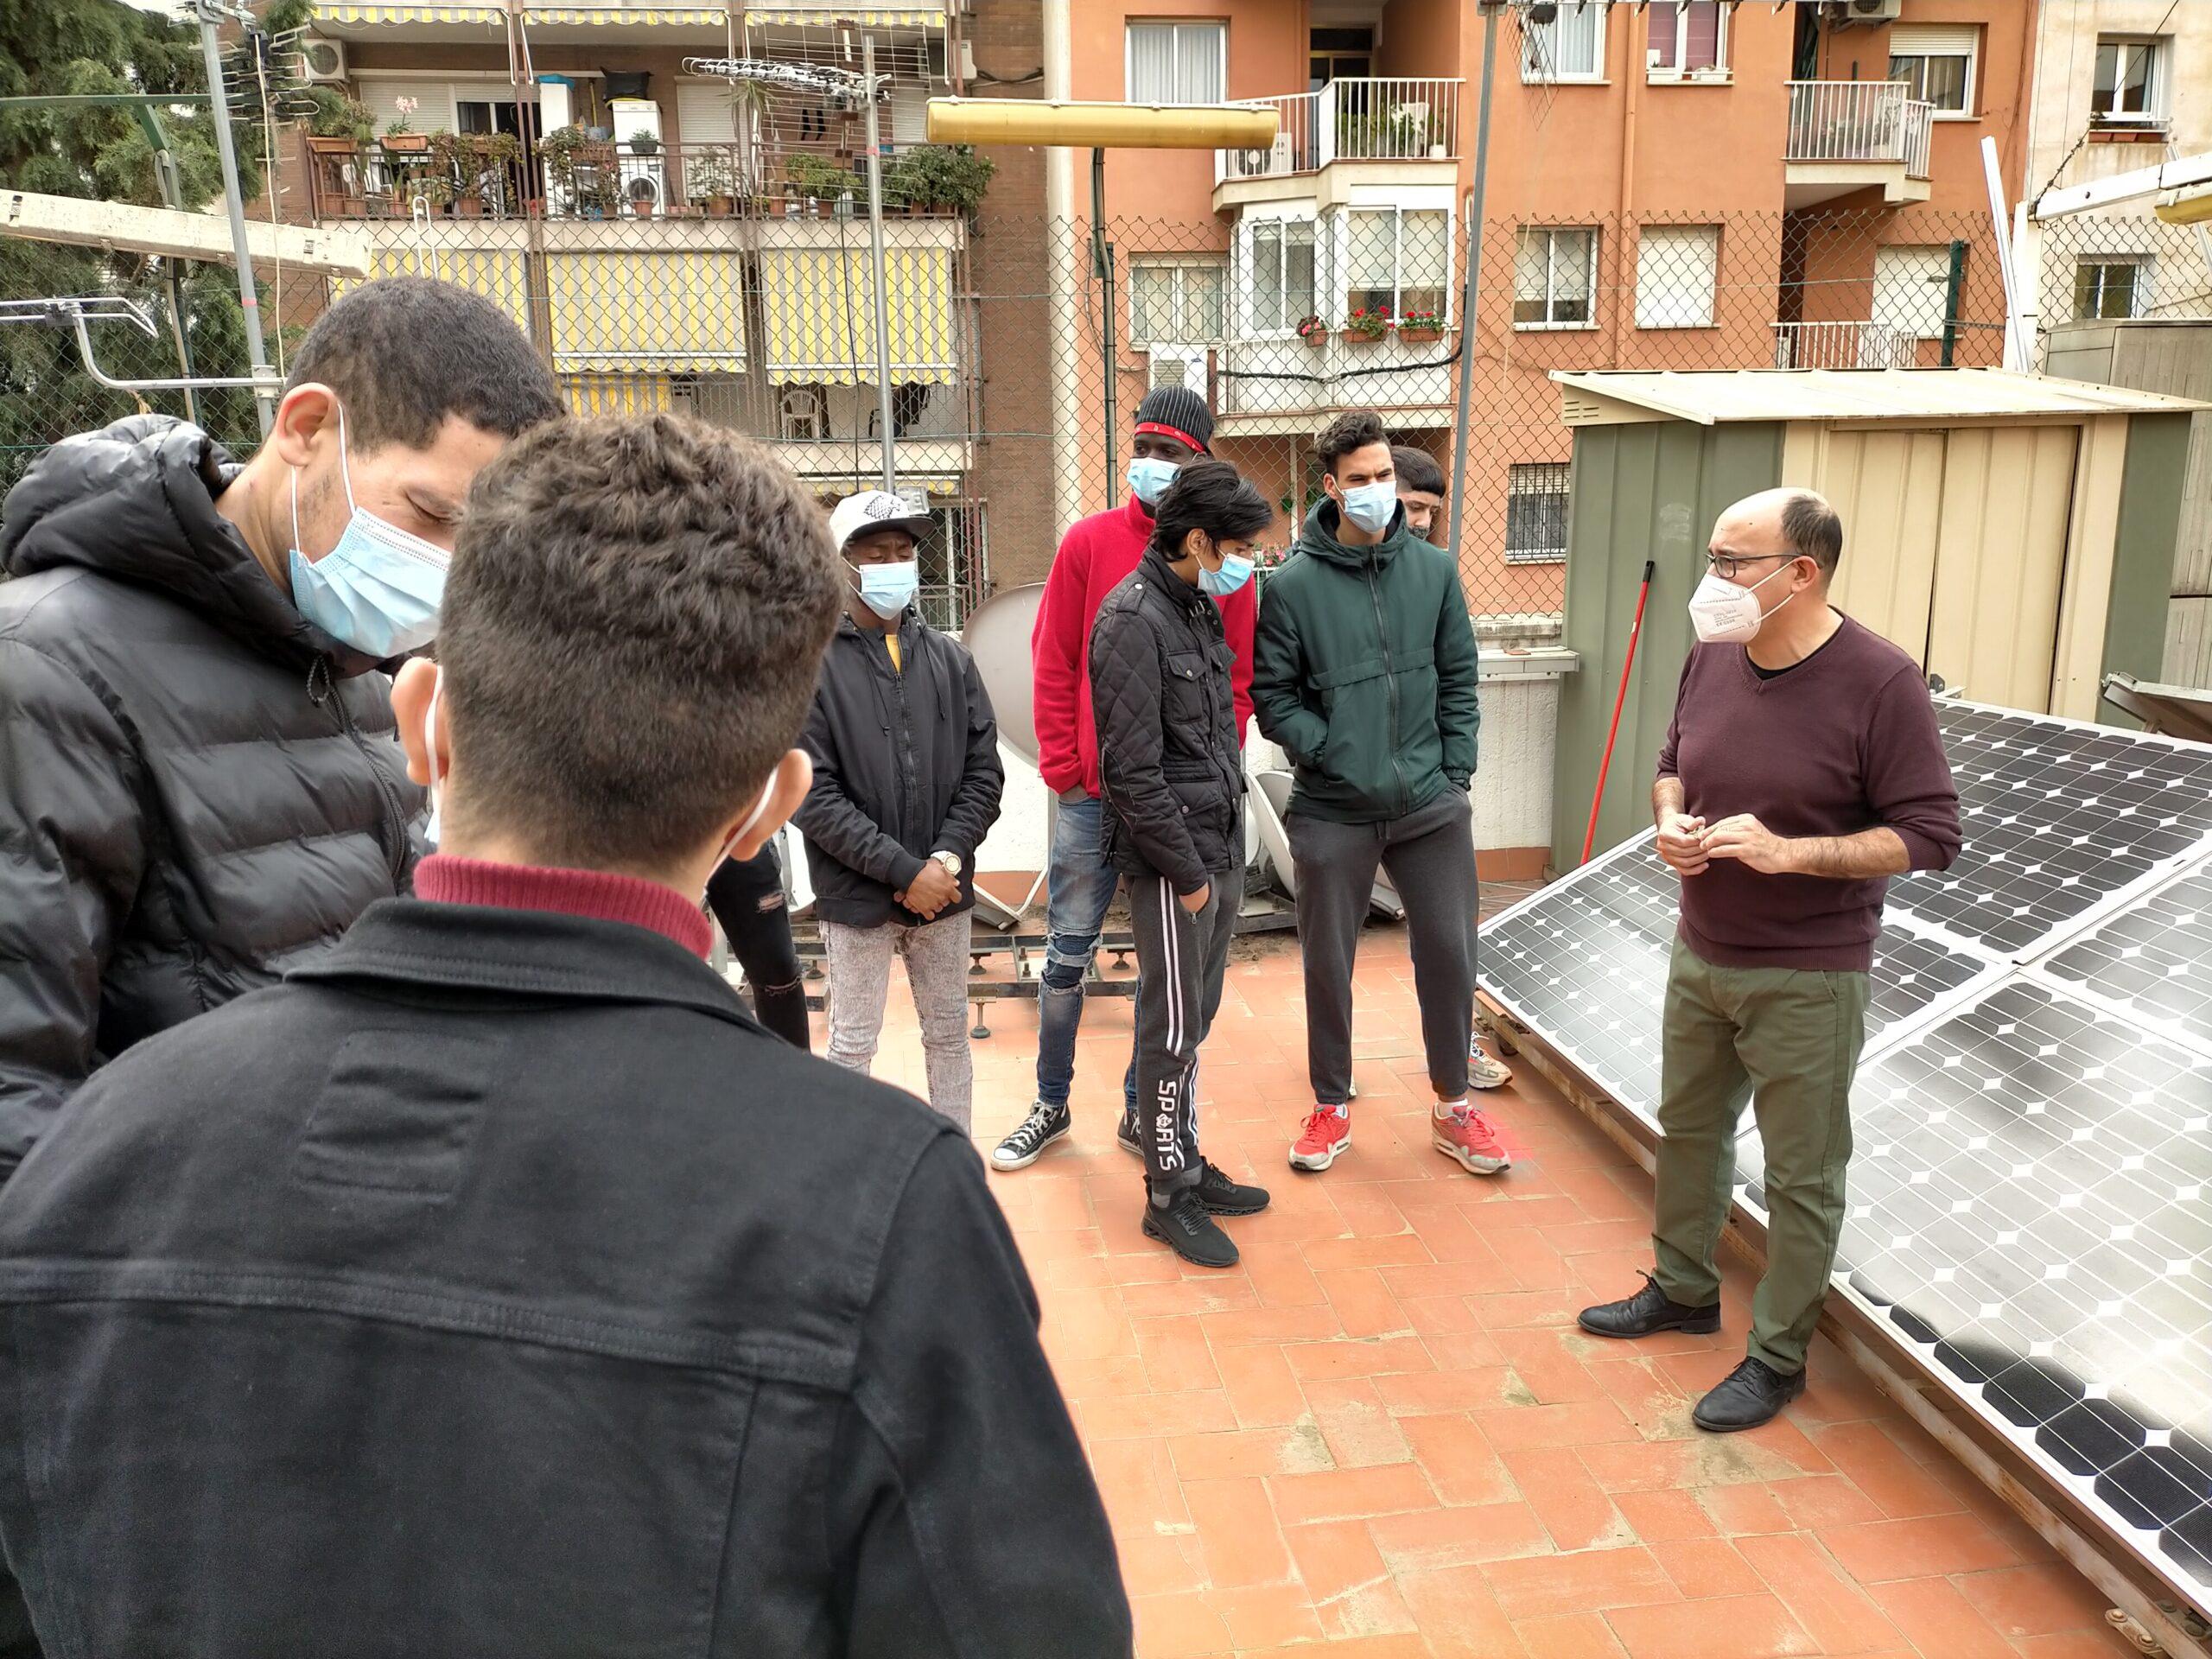 Els alumnes de PFI visiten l'Escola gremial d'instal·ladors d'electricitat i fontaneria de Barcelona